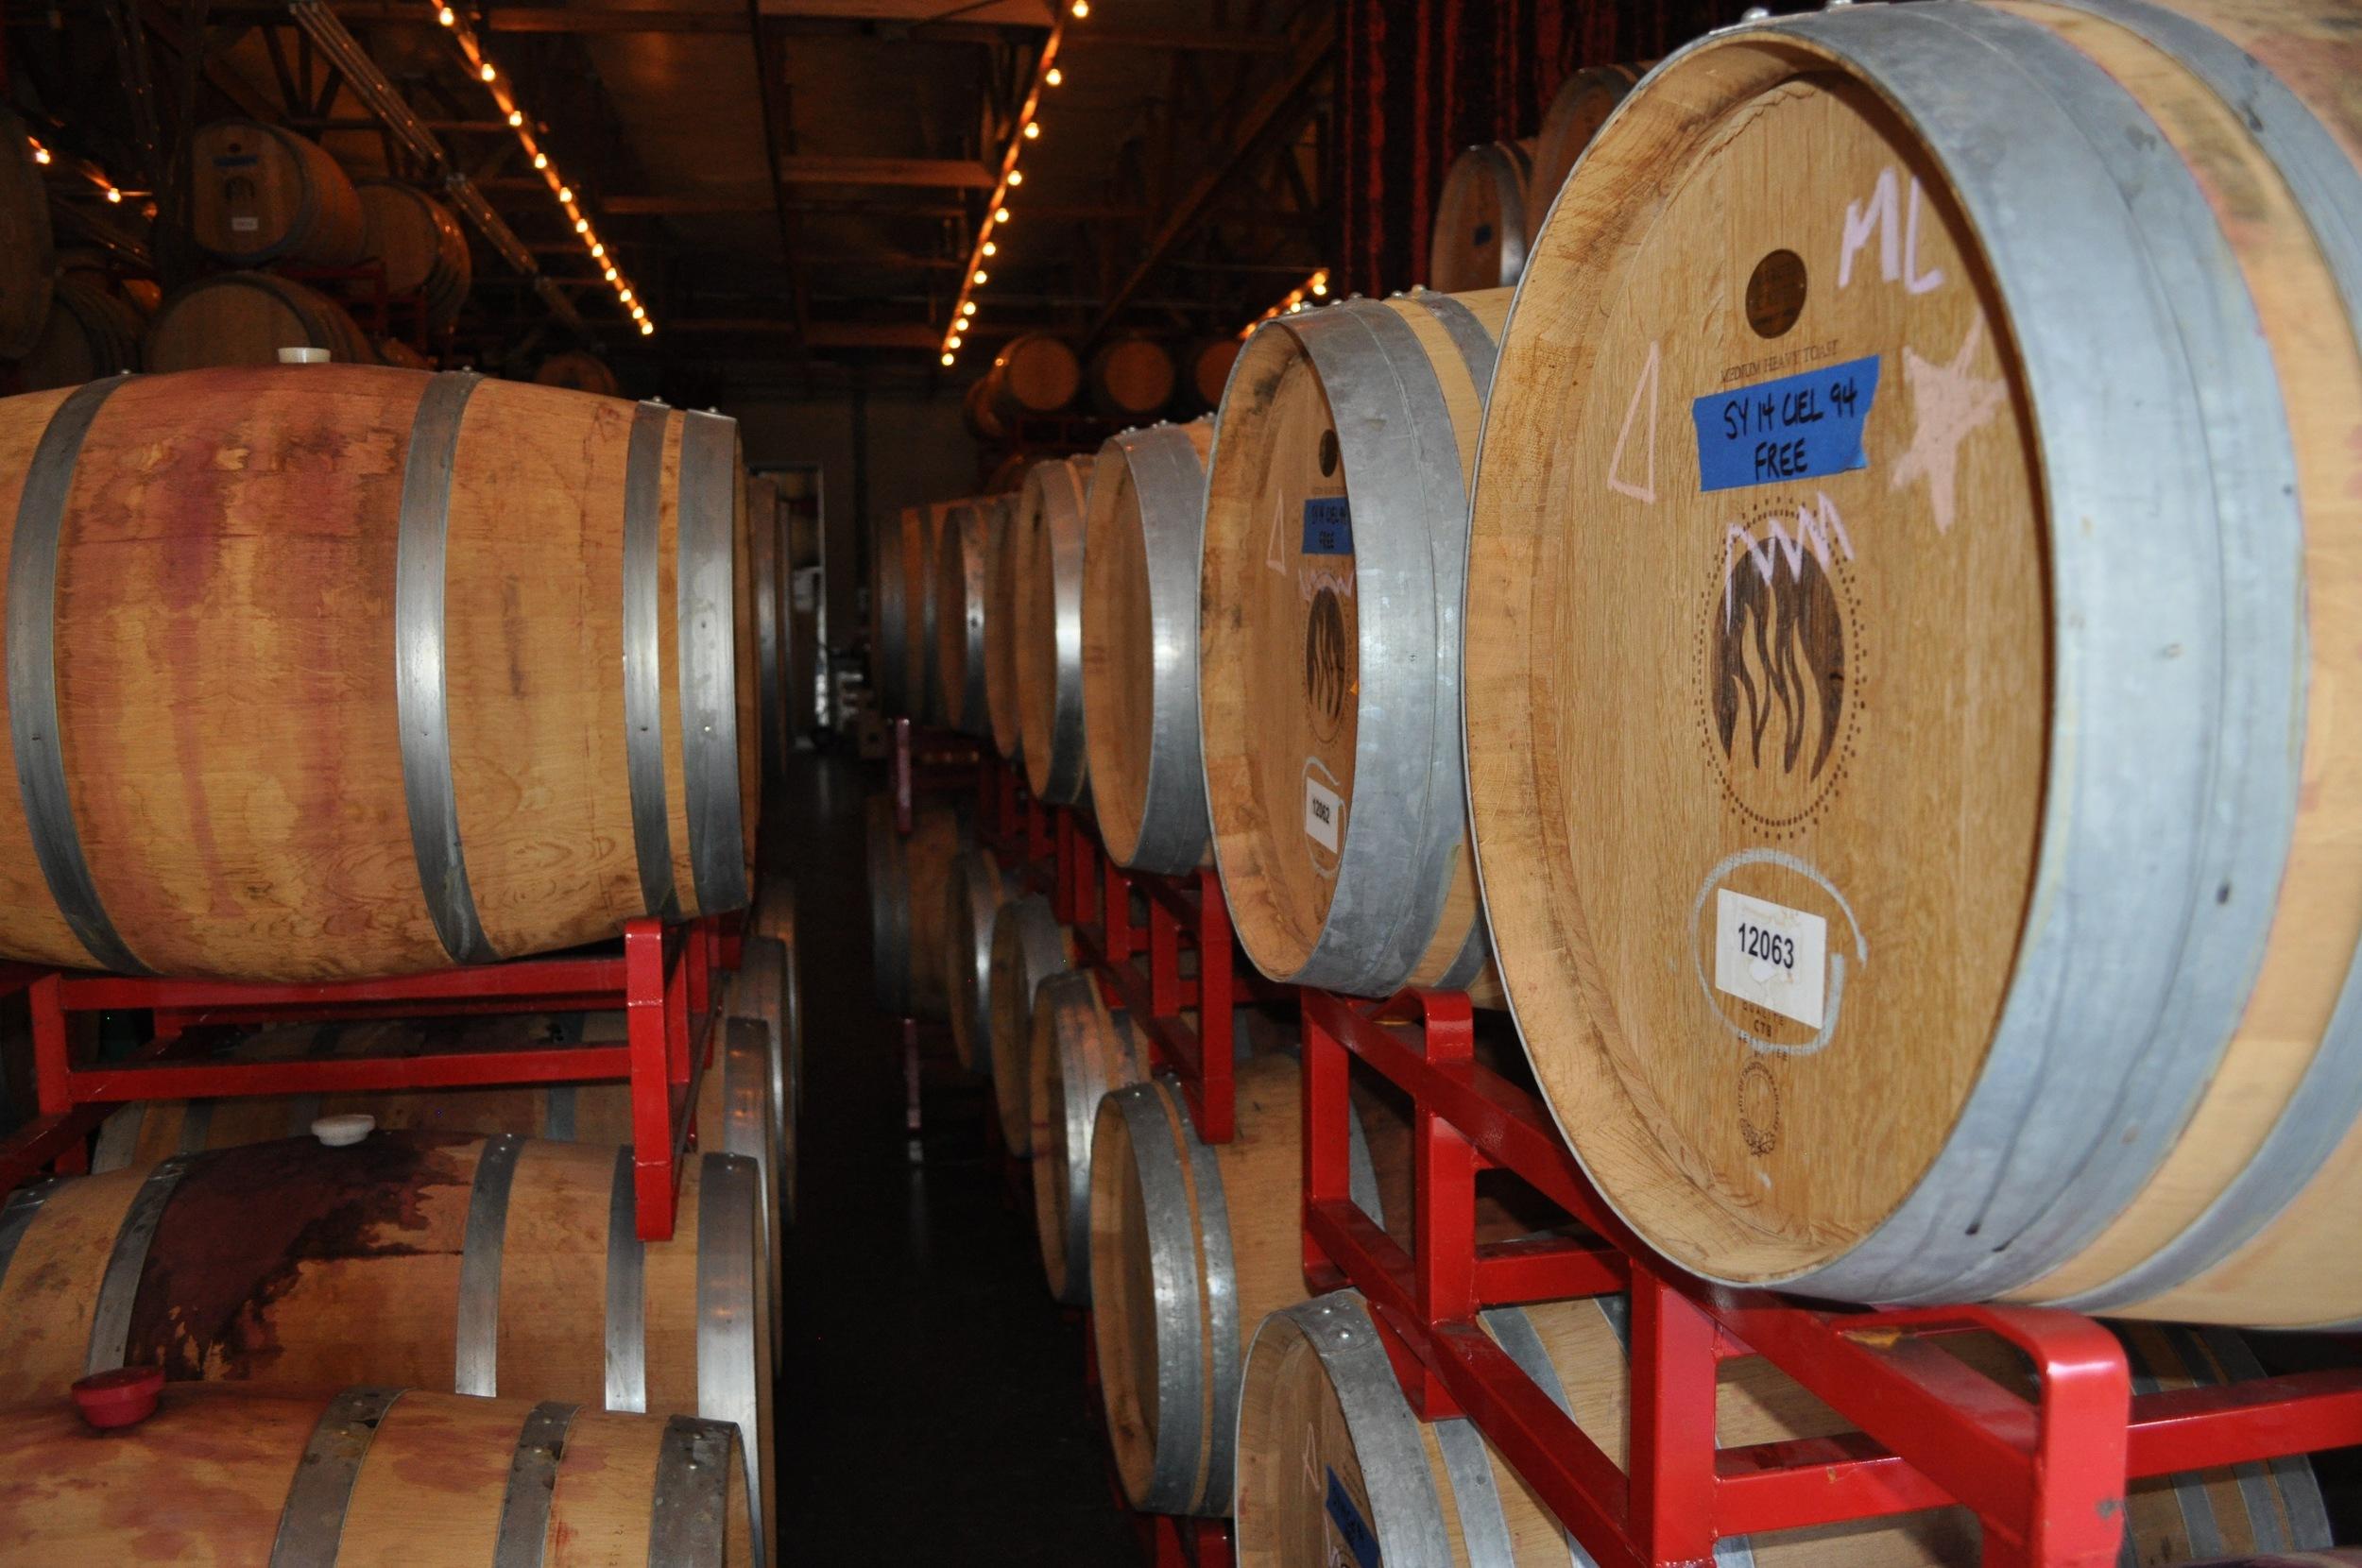 Aging wine in barrels.